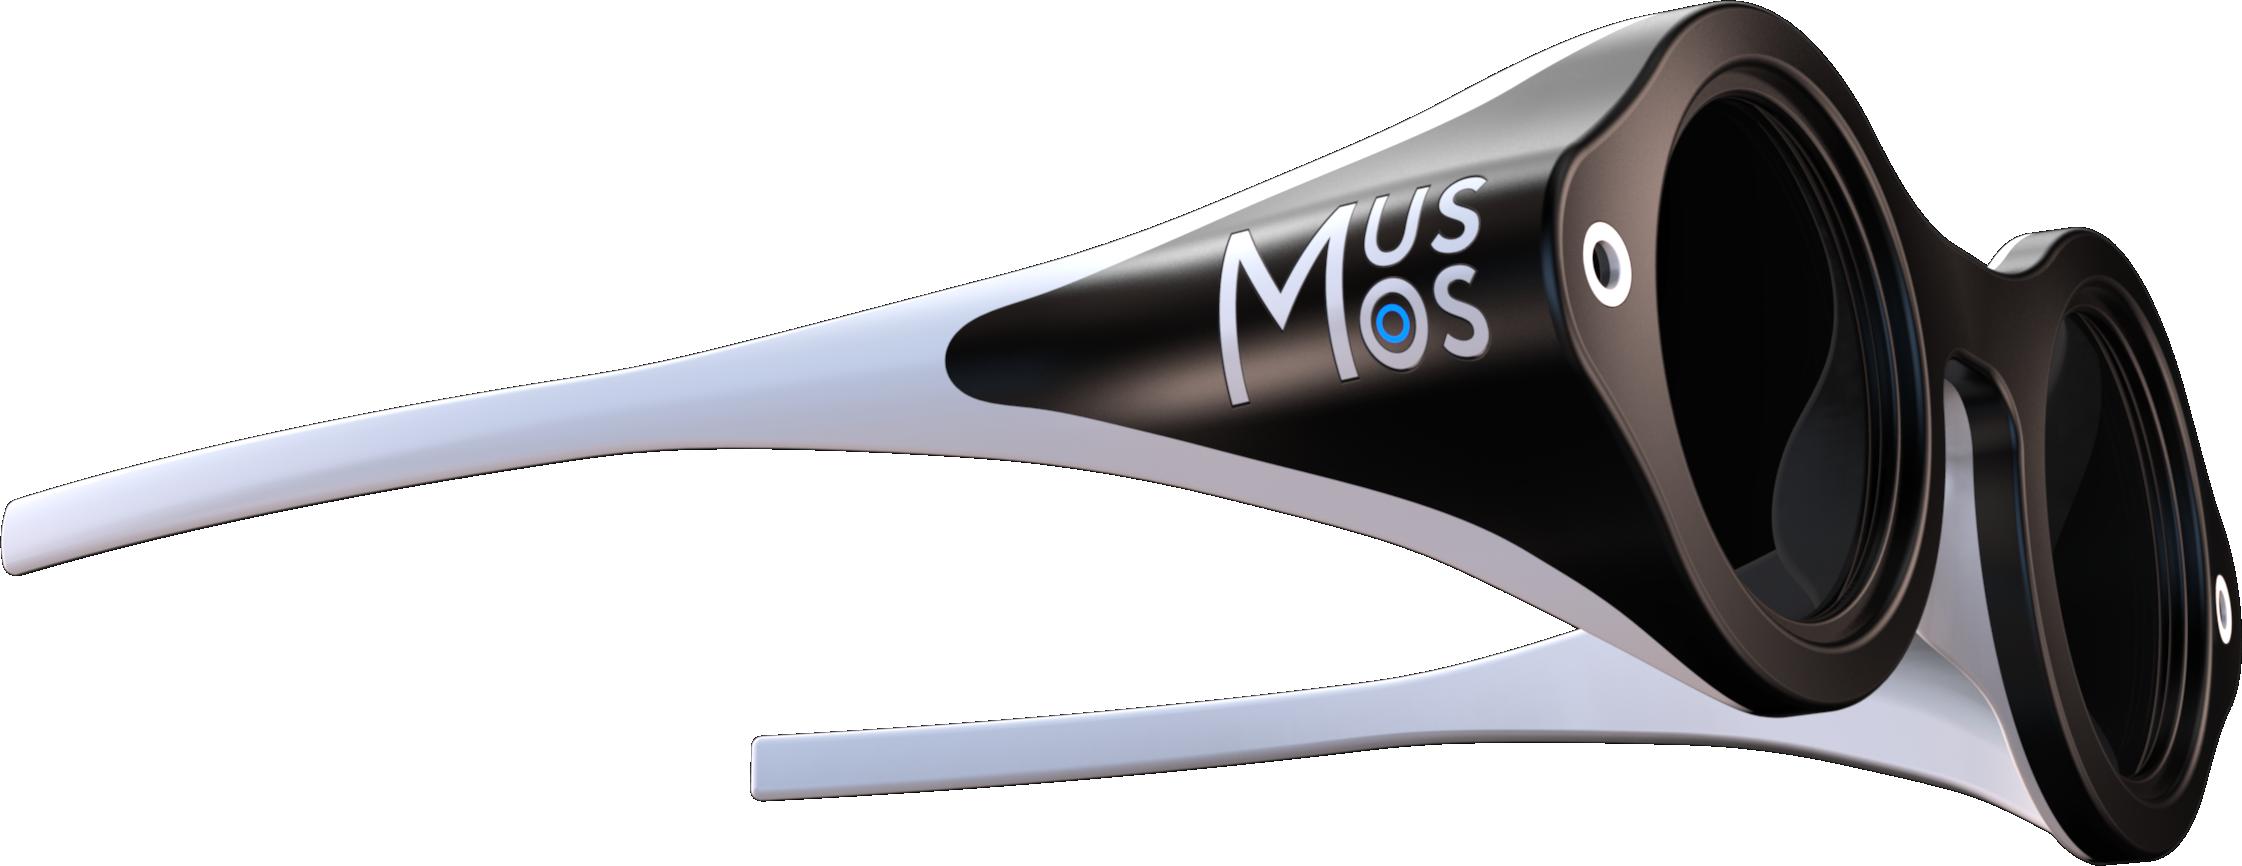 MUSOS